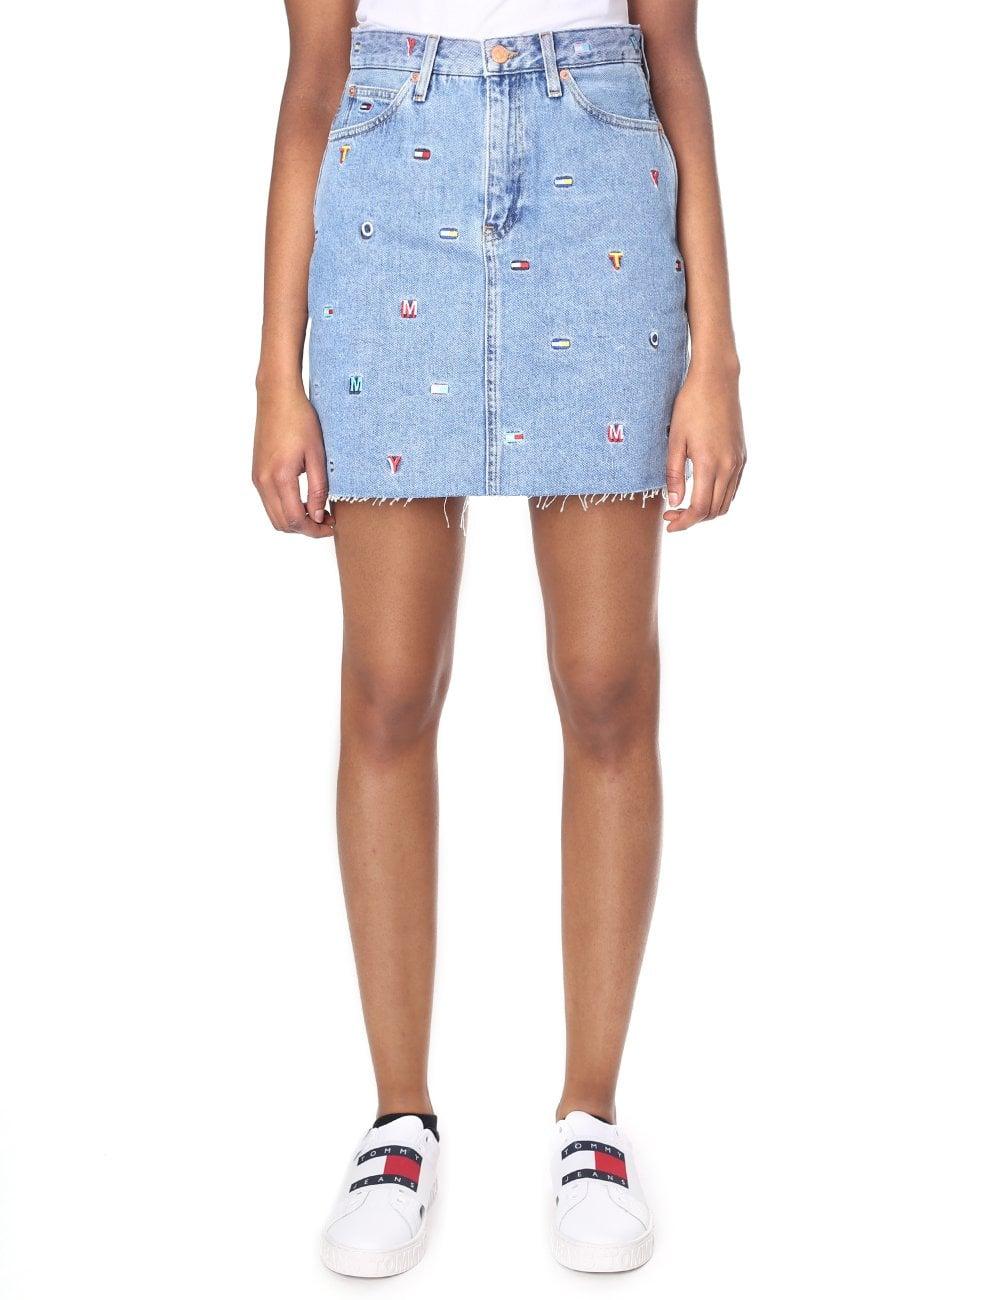 06d3d8d8c Tommy Jeans Women's Short Denim Skirt